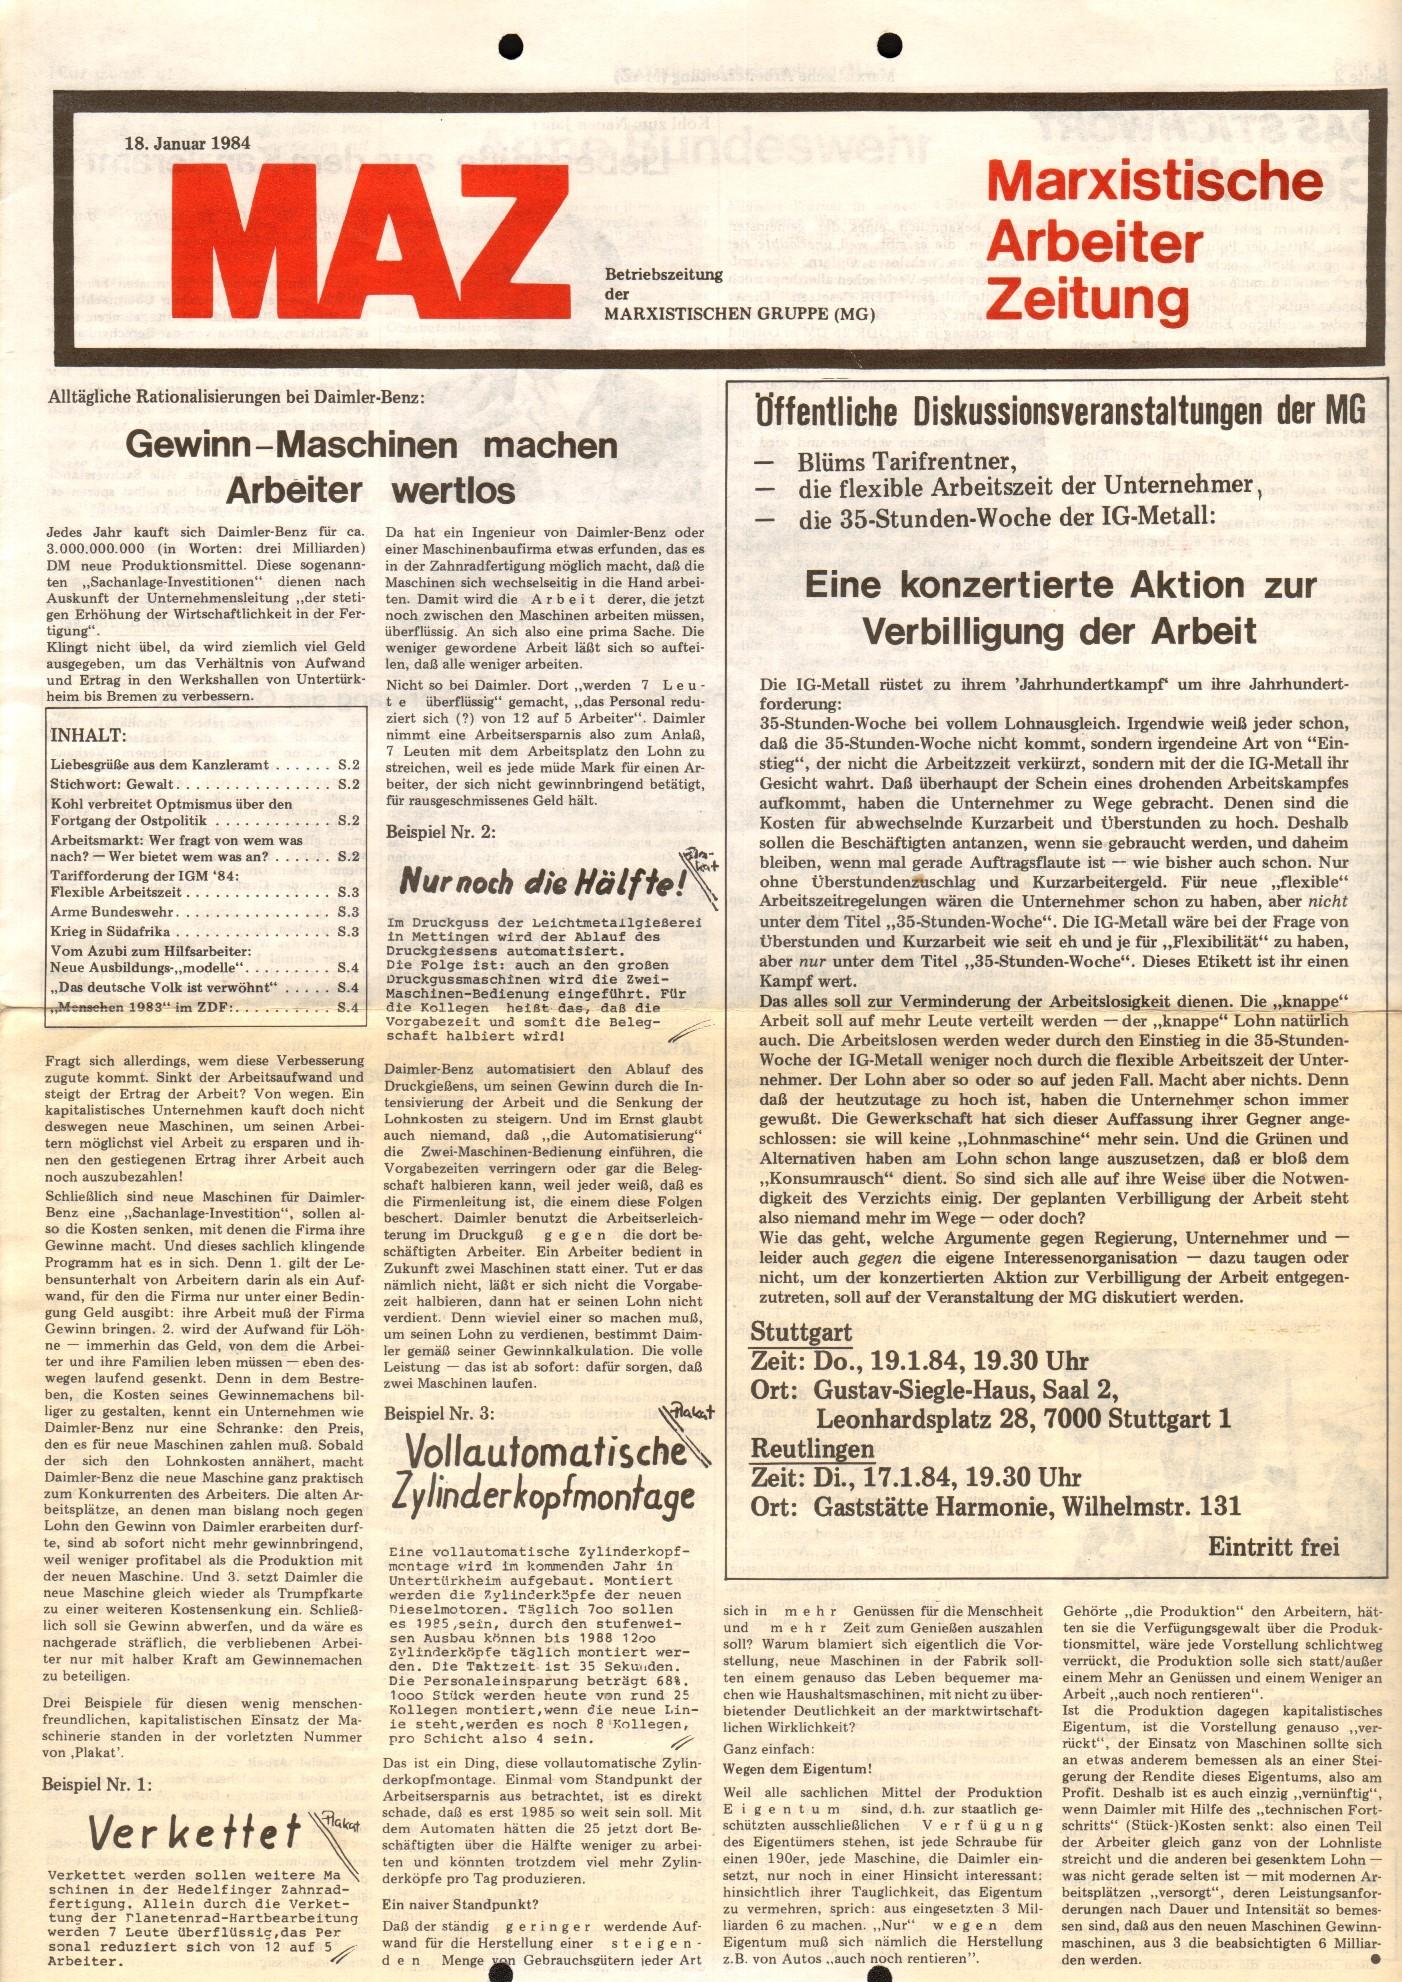 BW_MG_Marxistische_Arbeiterzeitung_19840118_01